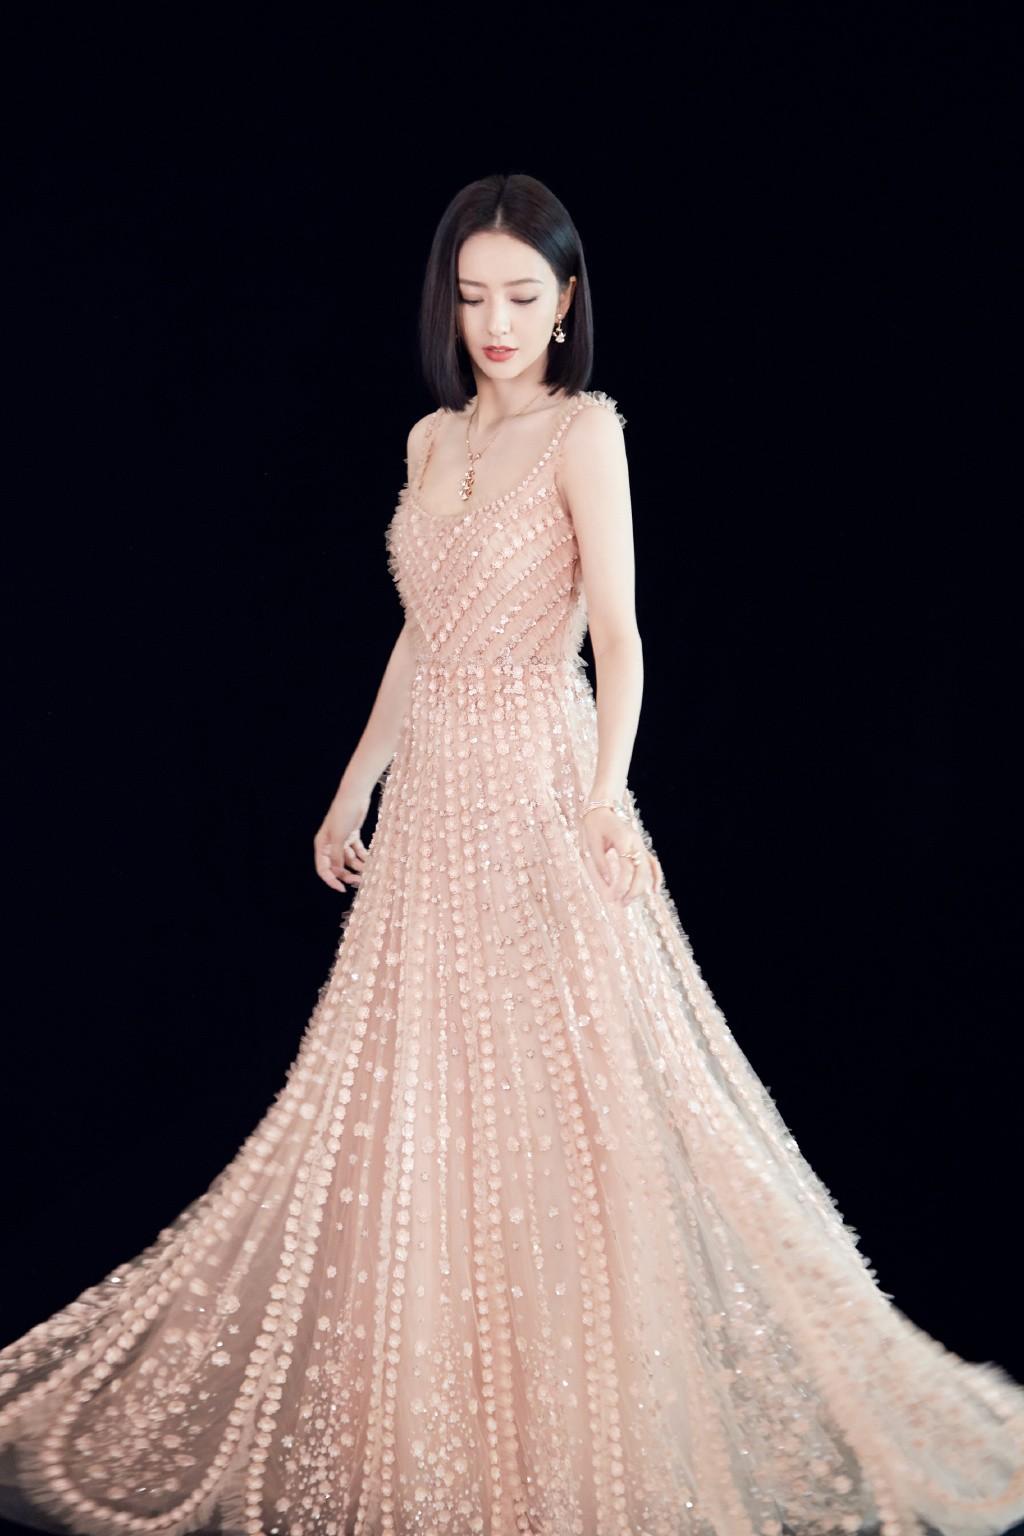 """35岁依旧被称为""""仙女"""",佟丽娅穿粉色长裙亮相,一出场就惊艳了"""